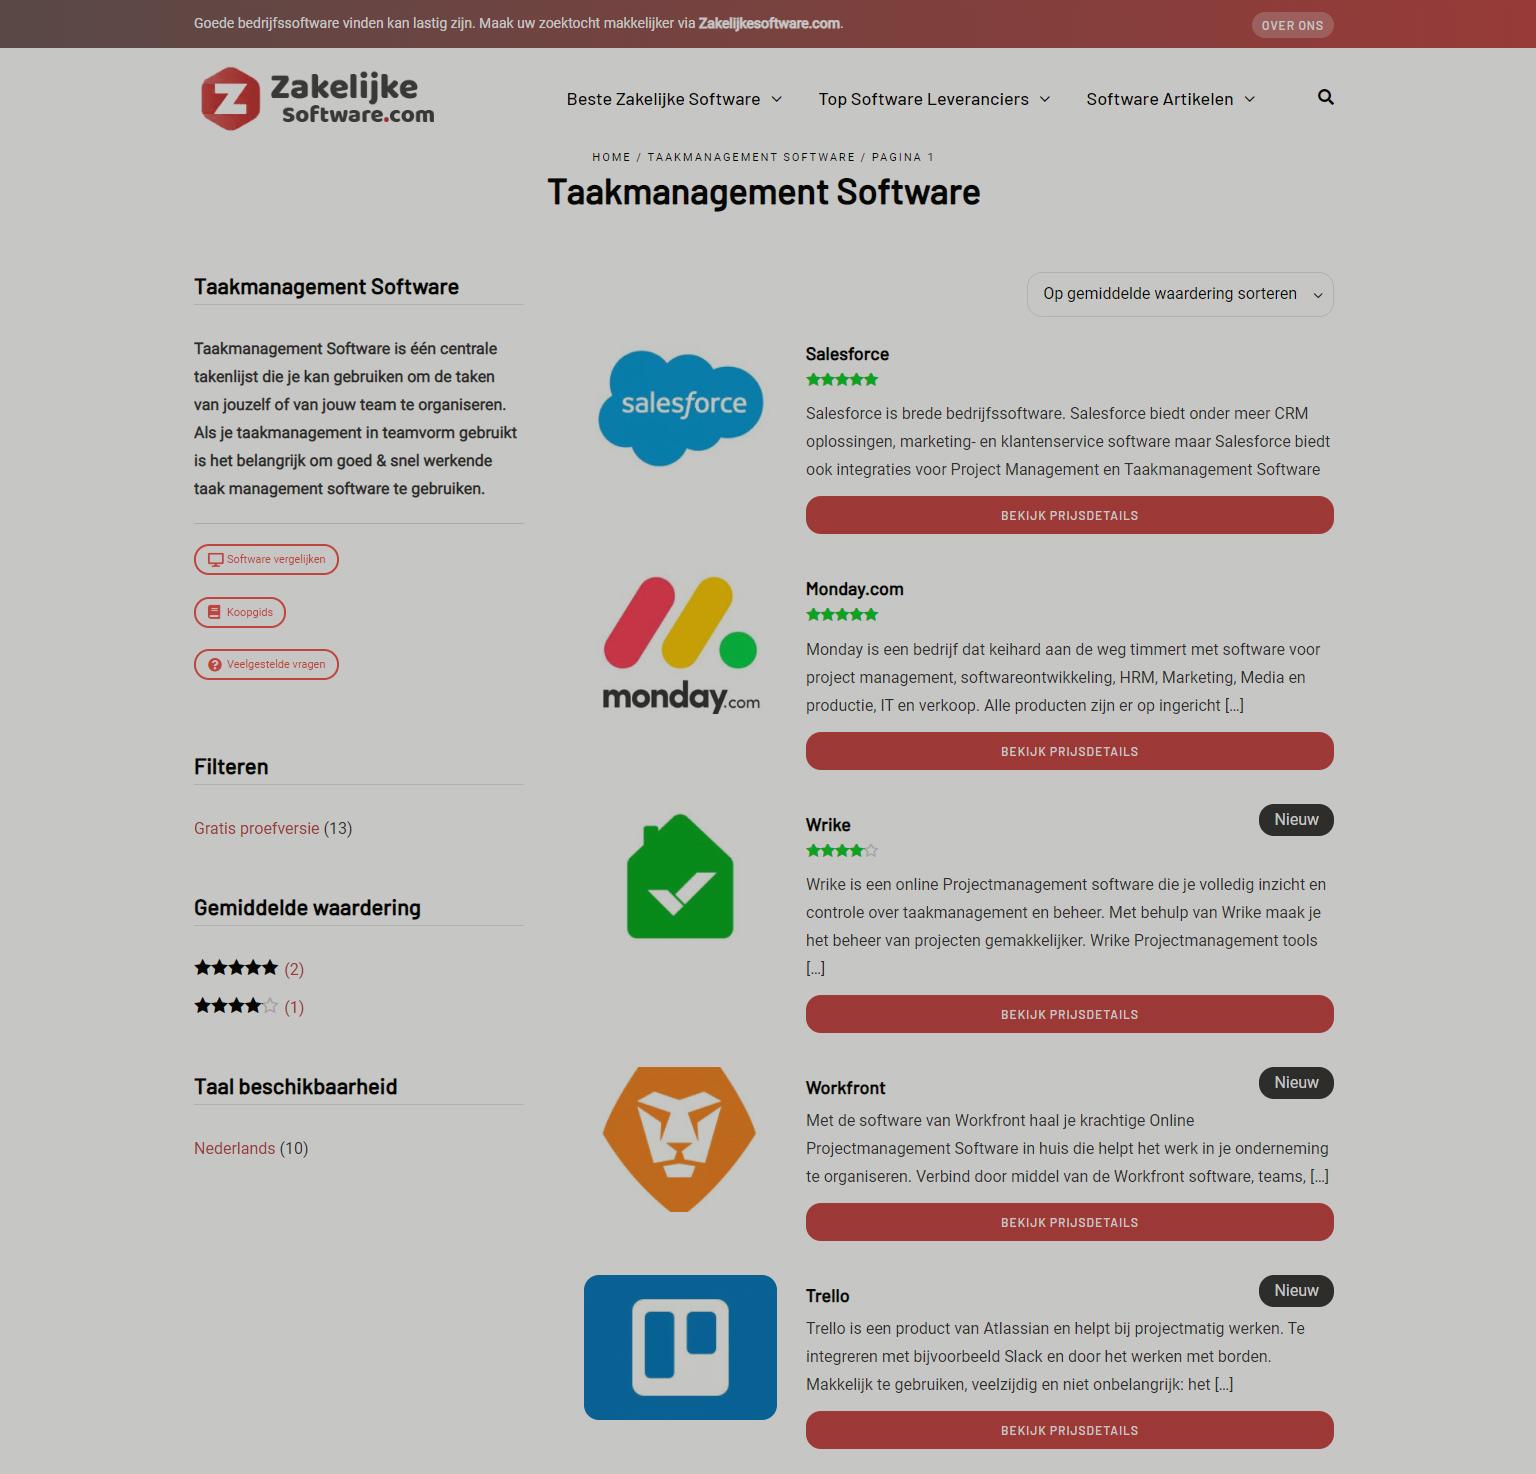 Zakelijkesoftware.com